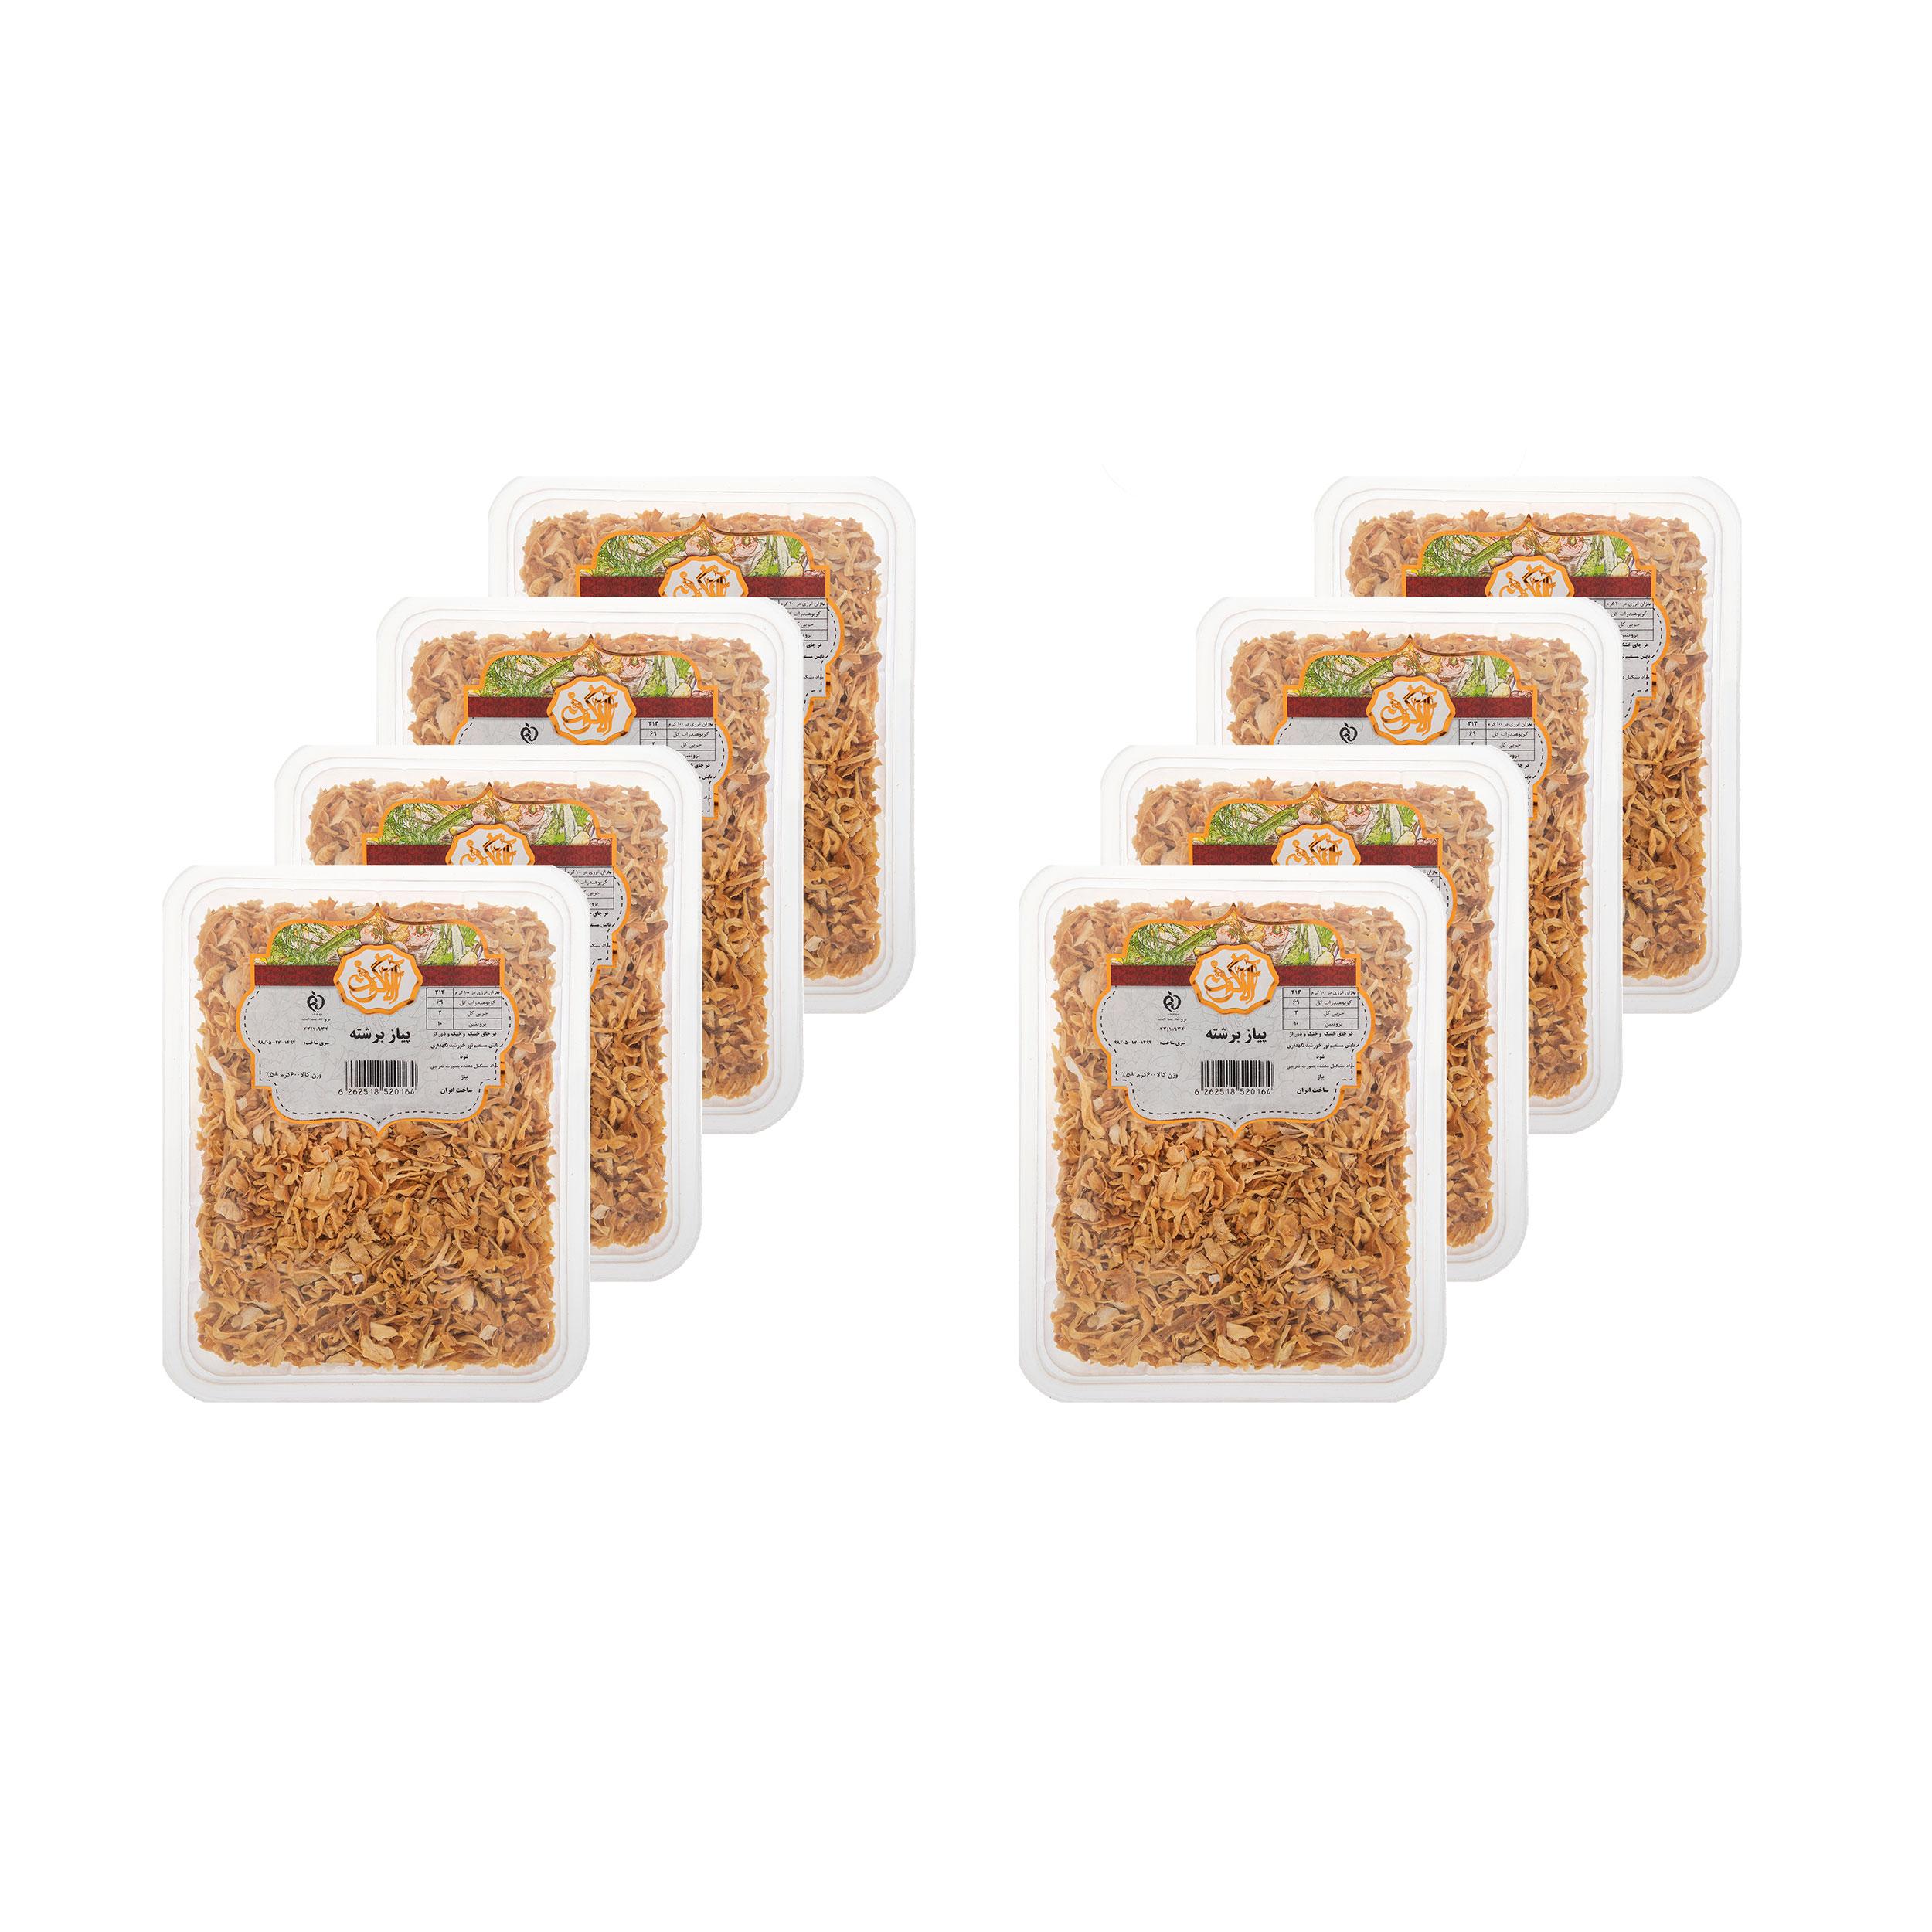 پیاز خشک آلاگون - 600 گرم بسته 8 عددی